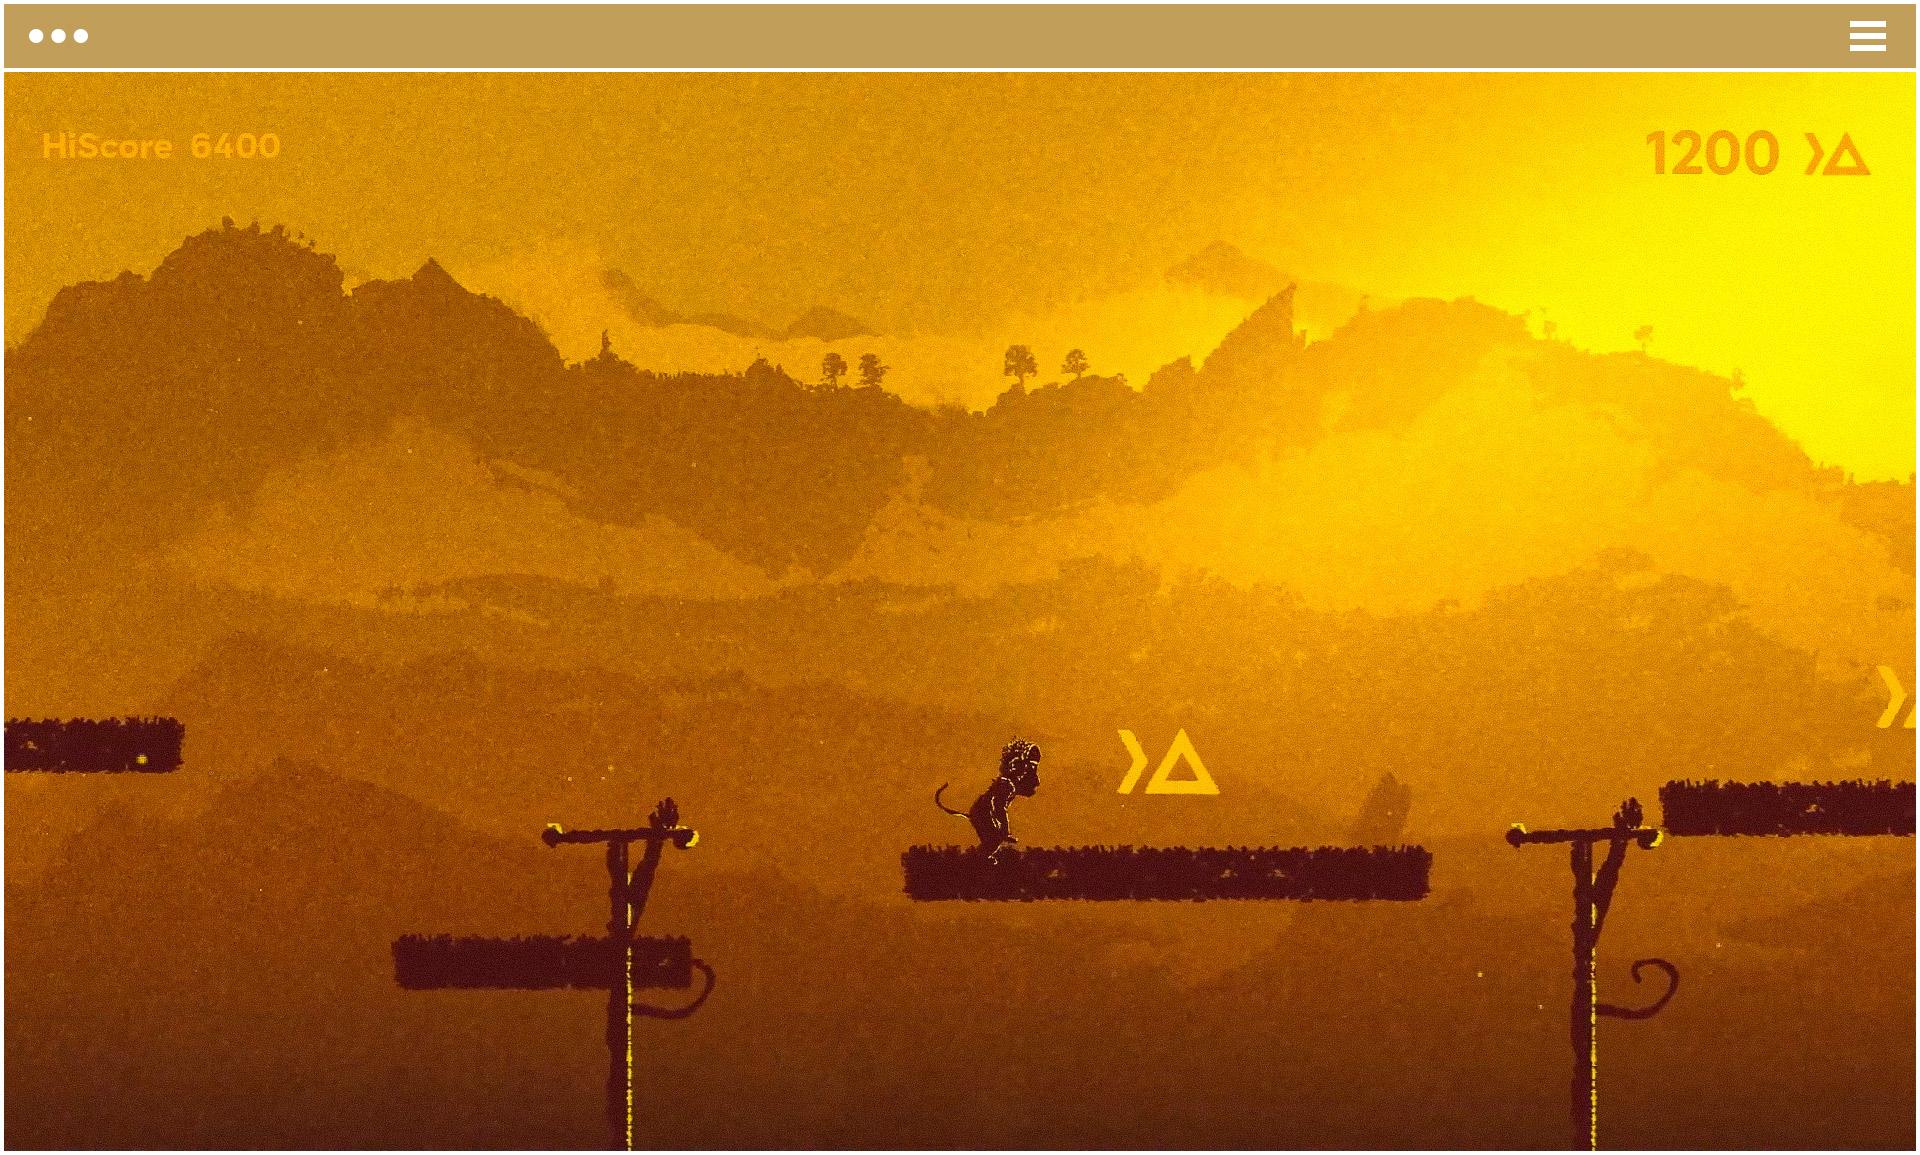 InGame screen: Náhľad obrazovky hrania, grafický dizajn